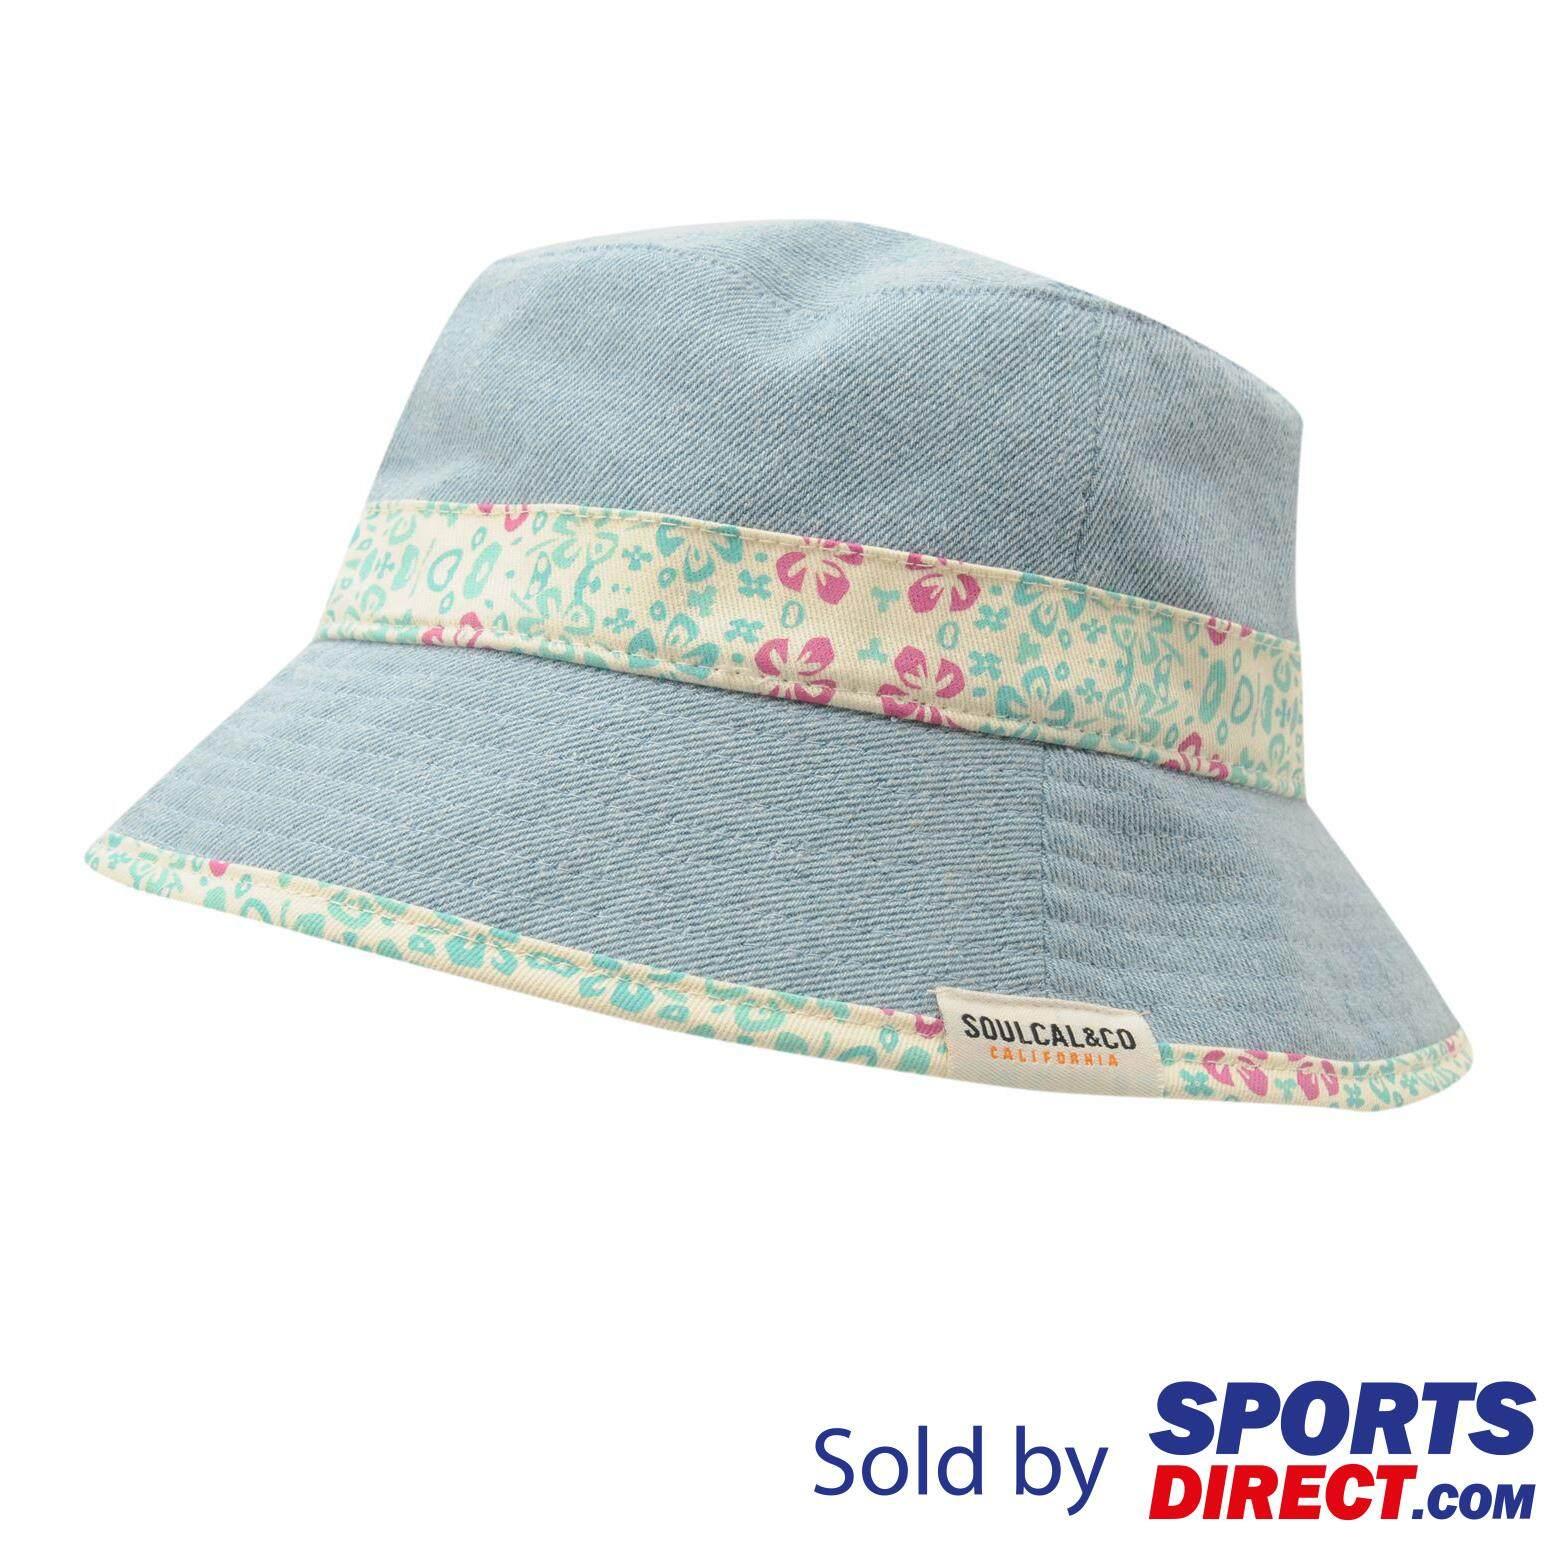 Women s Hats   Caps - Buy Women s Hats   Caps at Best Price in ... 71366172e43